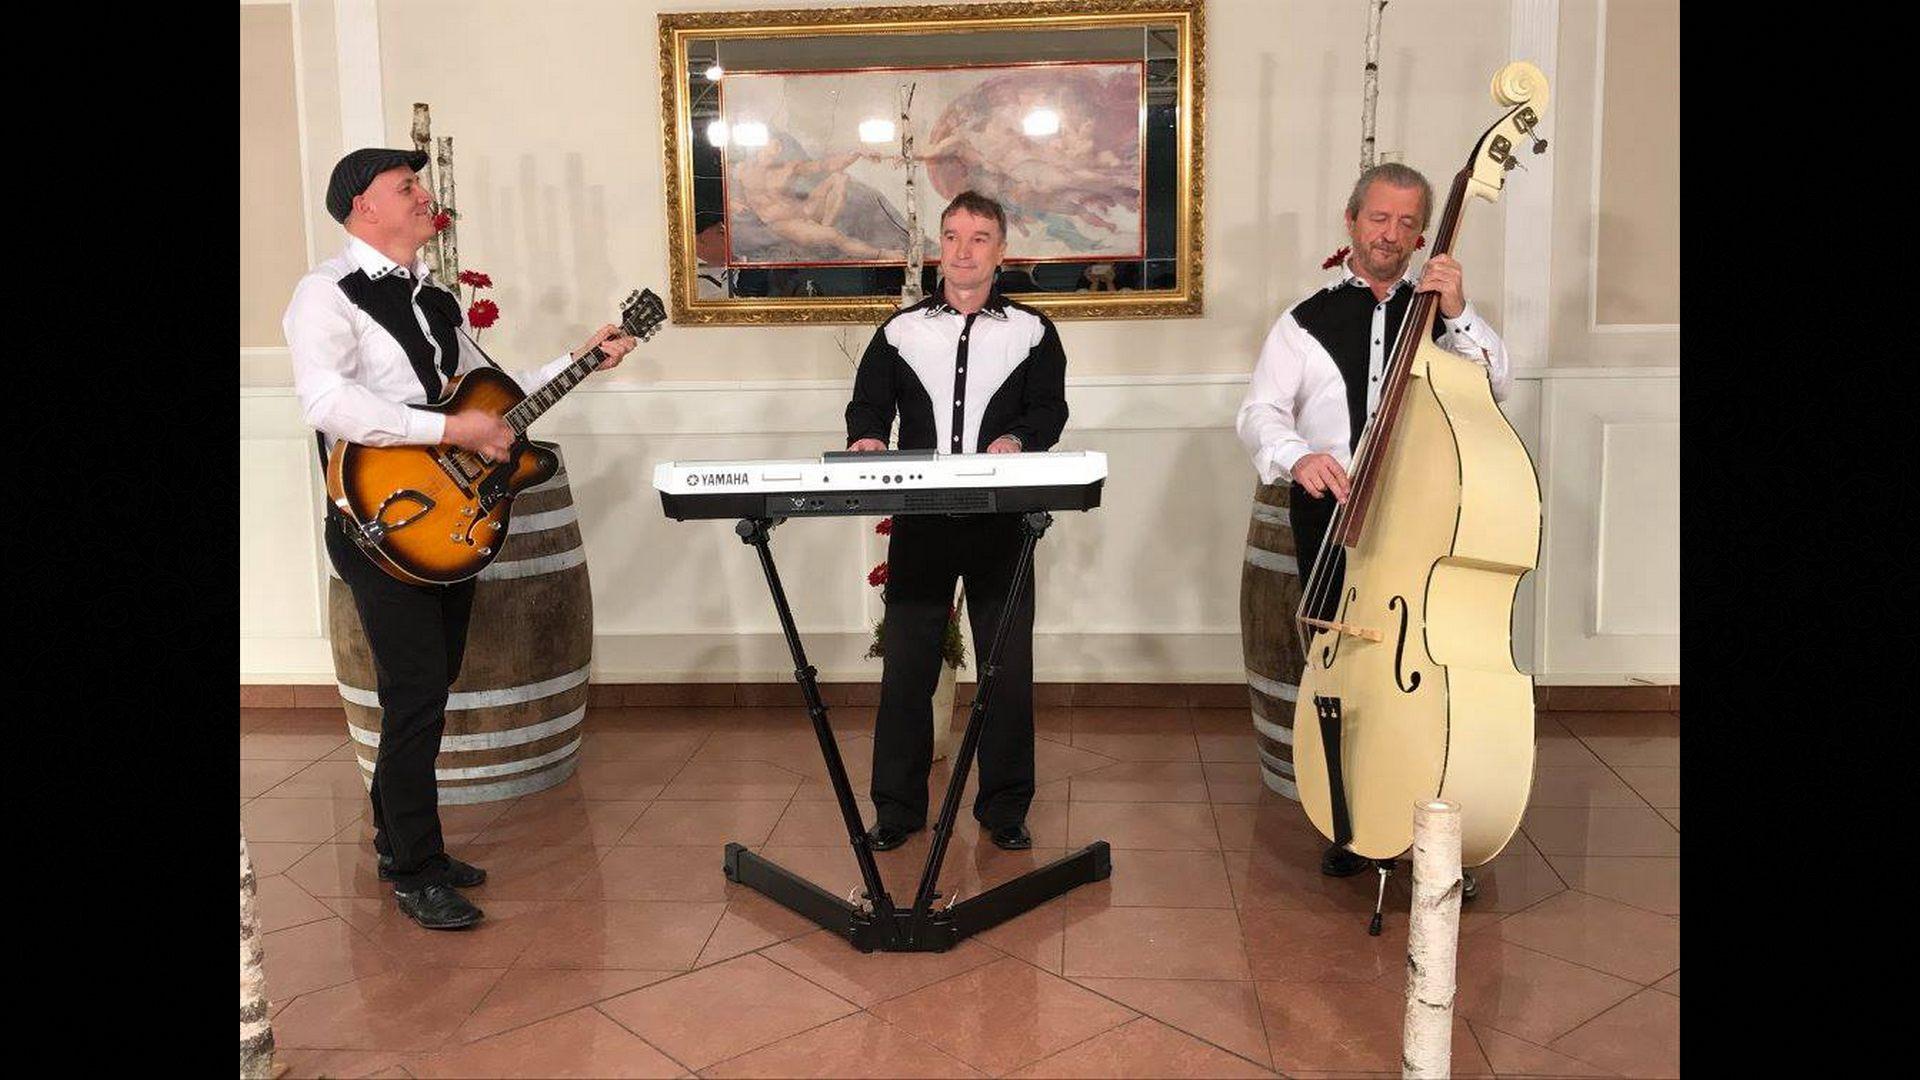 Muzikanti za abrahama